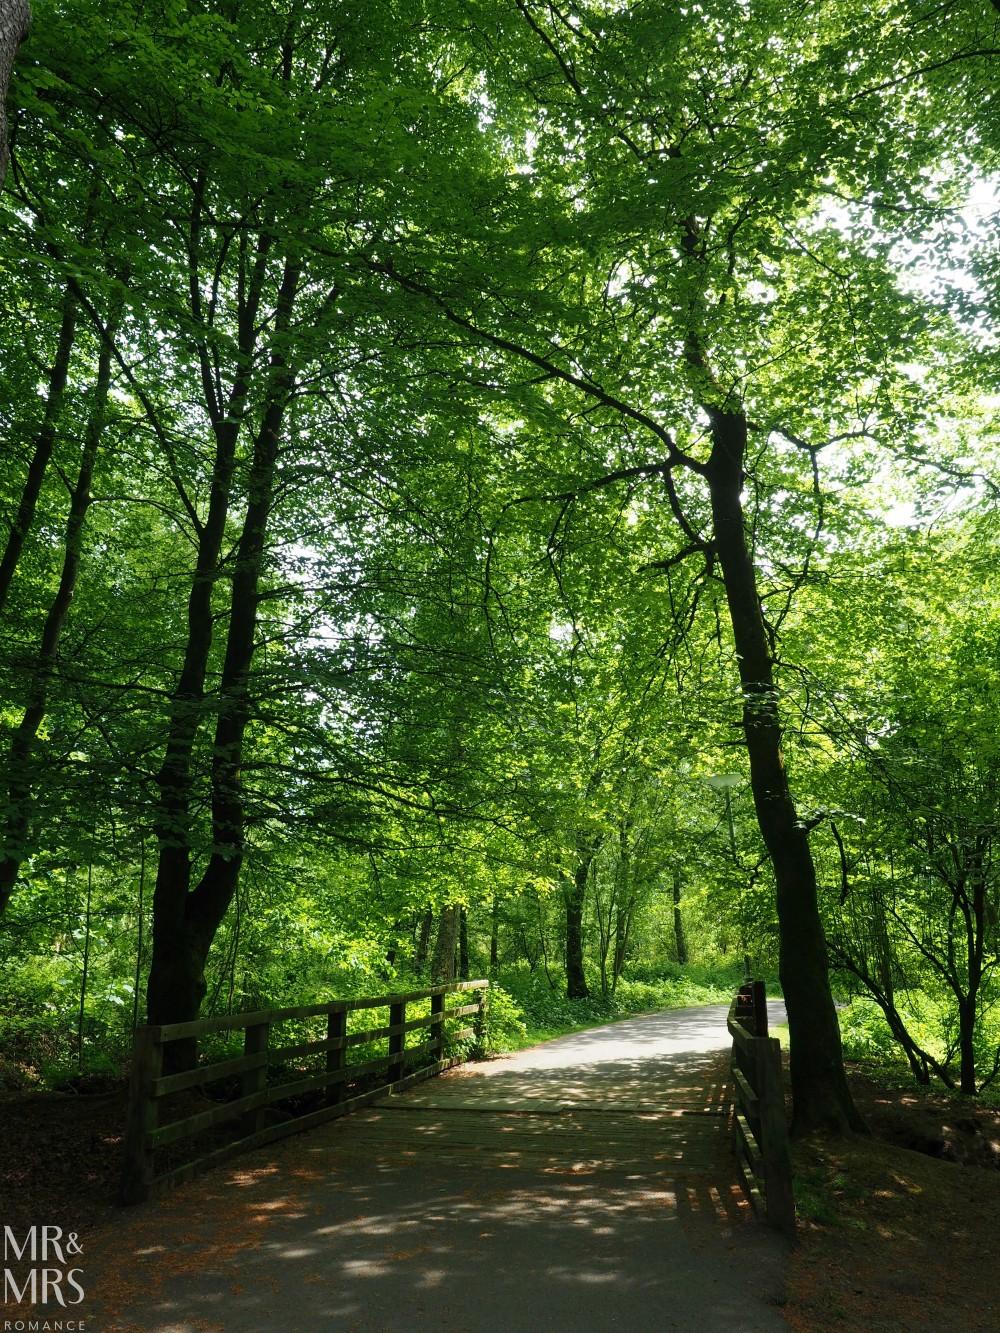 Loch Lomond without a car - Mr & Mrs Romance - parklands